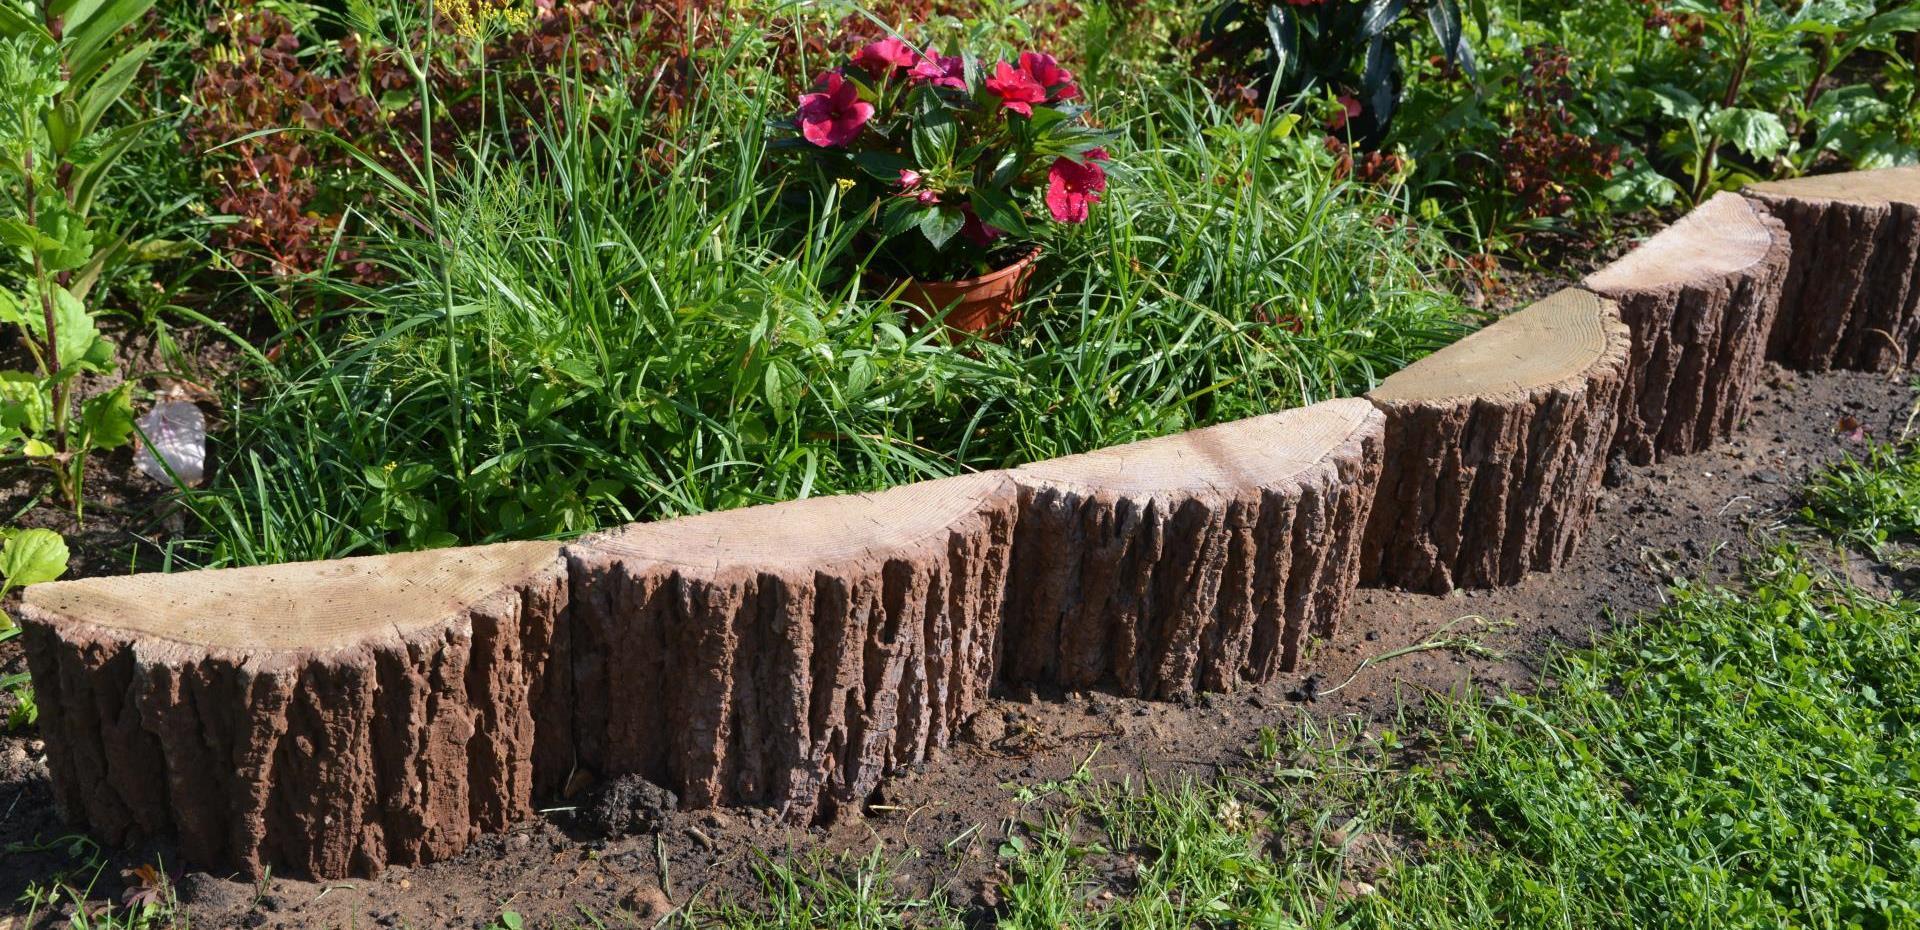 2a55b08f100993ac0beec12c5776118a jpg - Ландшафтный дизайн сада и огорода своими руками